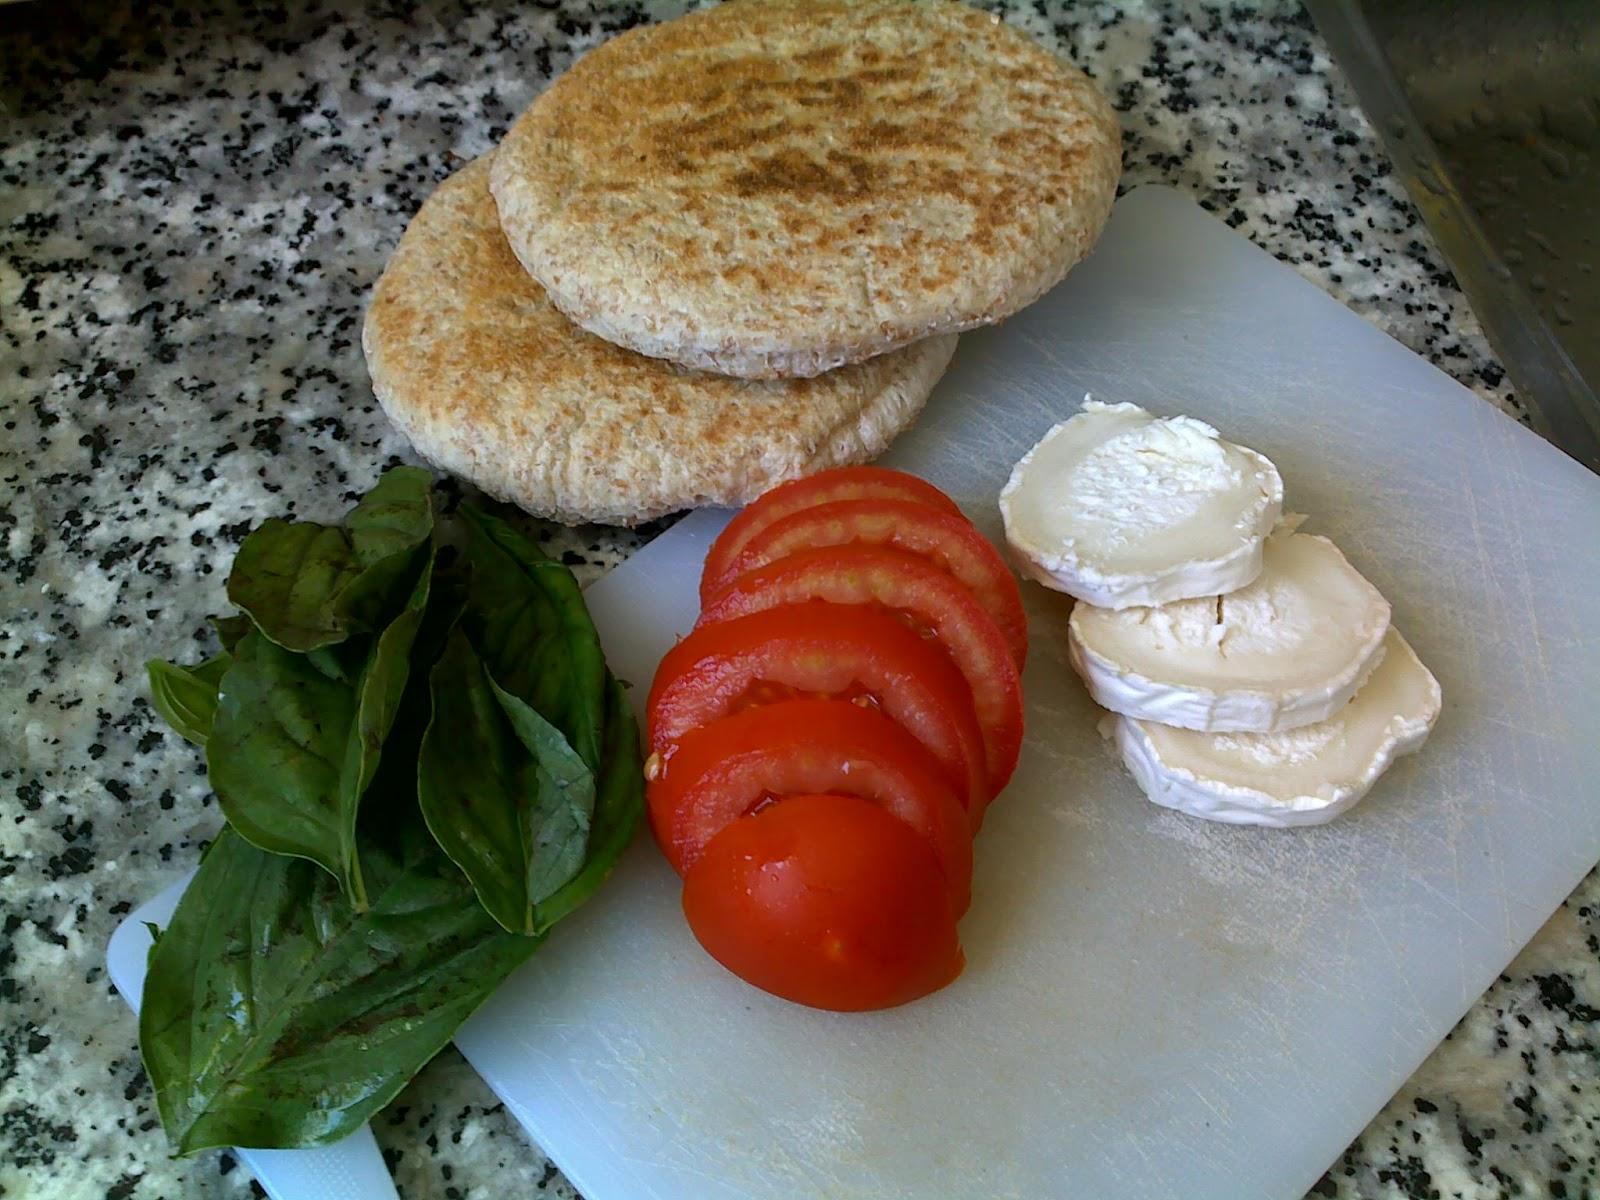 Siete semanas, trucos caseros para perder peso en una semana aportar antioxidantes